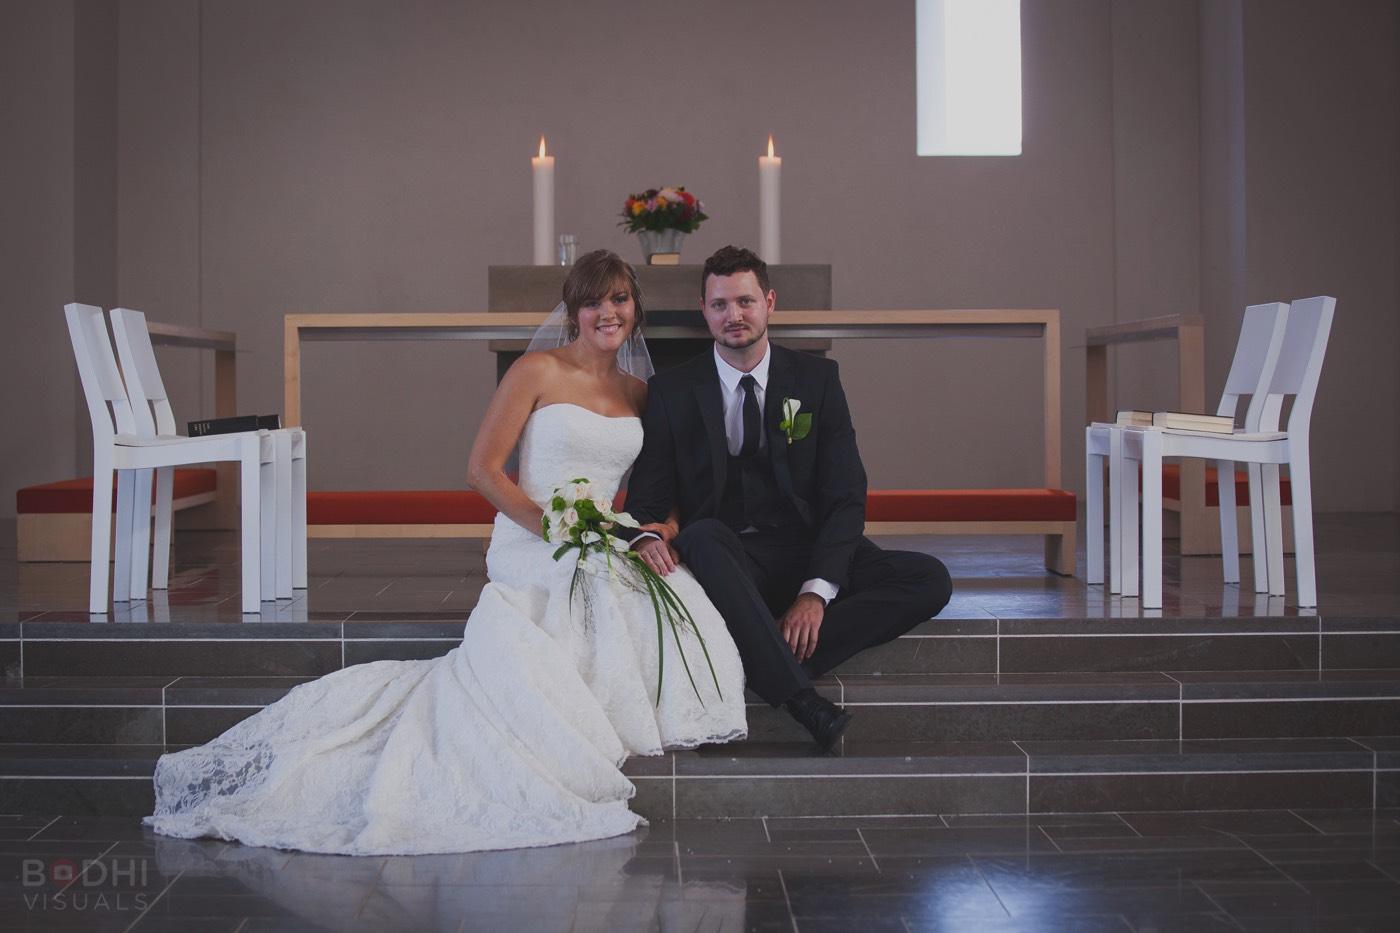 Bryllupsbilleder-reference-06-1400pxl